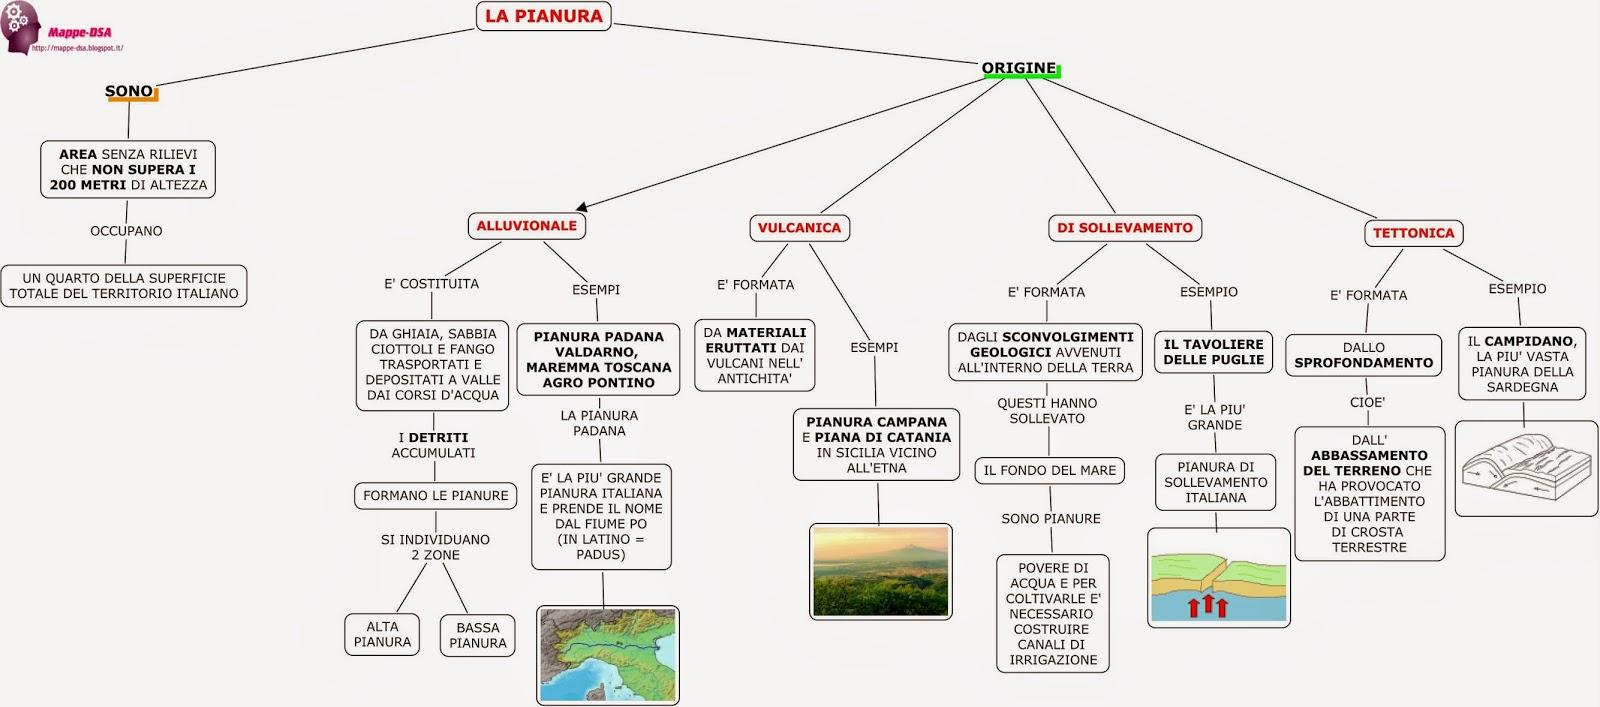 mappa schema pianura geografia dsa